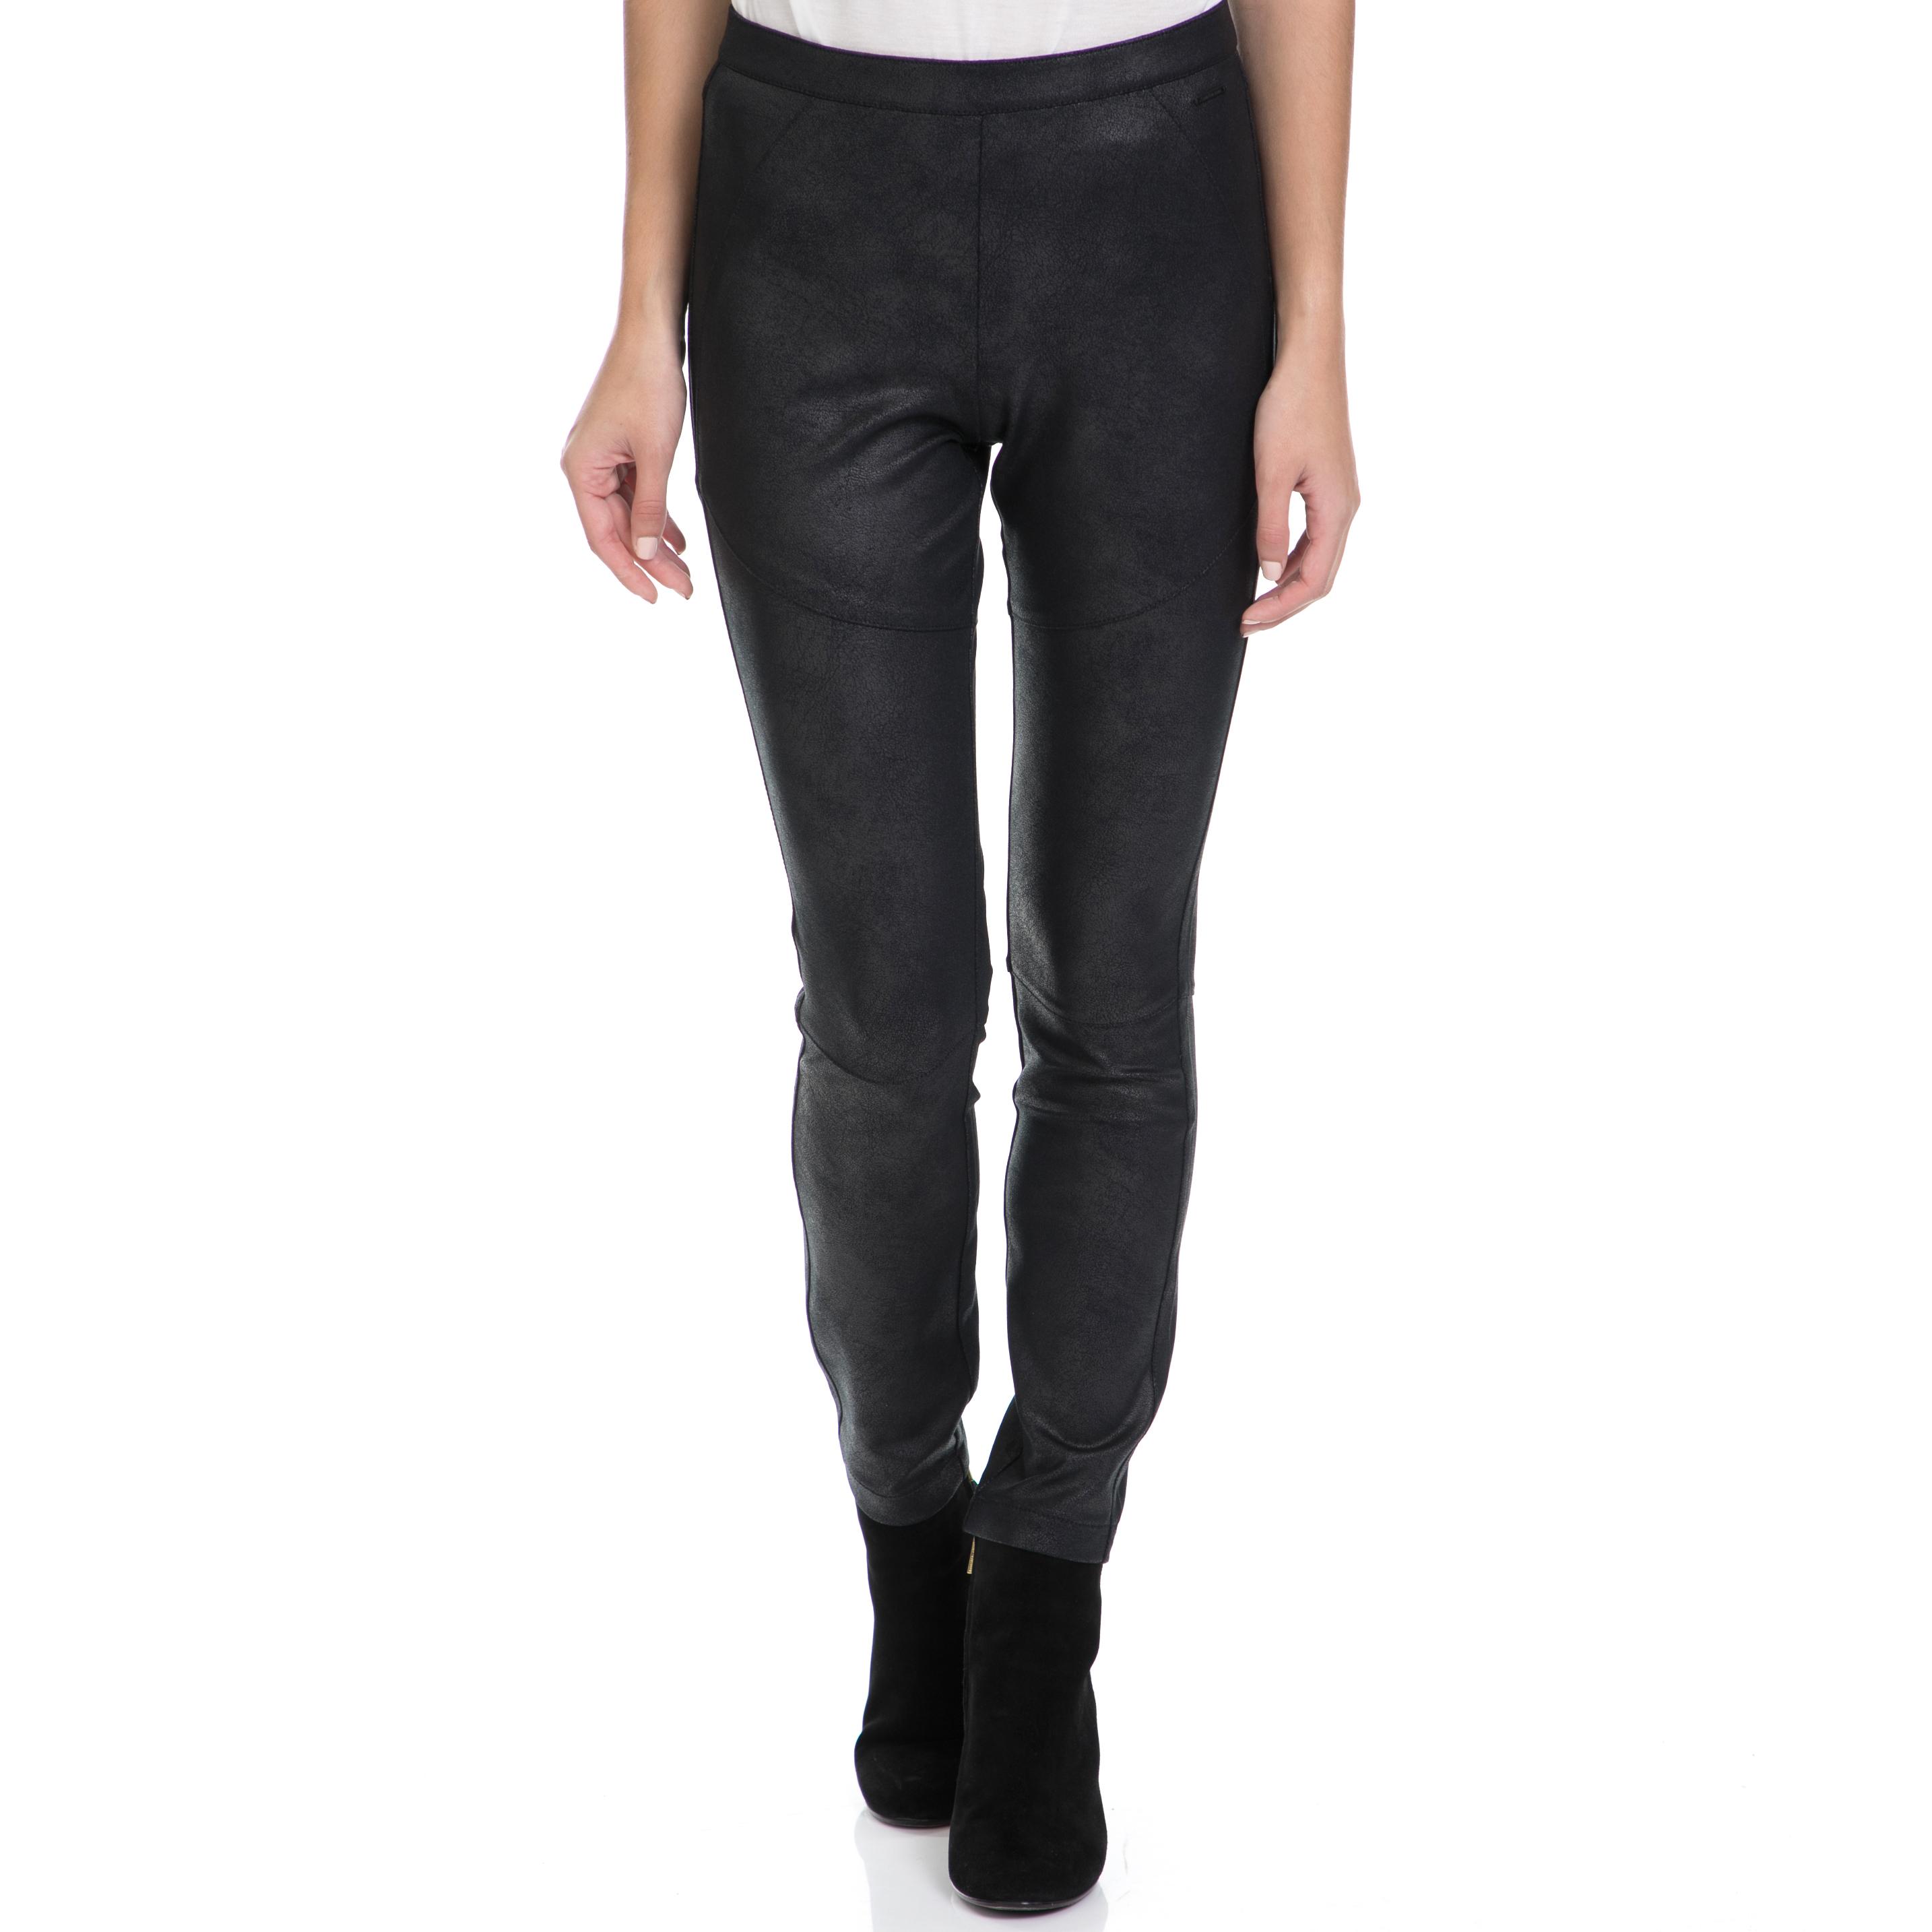 CALVIN KLEIN JEANS – Γυναικείο παντελόνι POMAR HWK COATED MILANO μαύρο